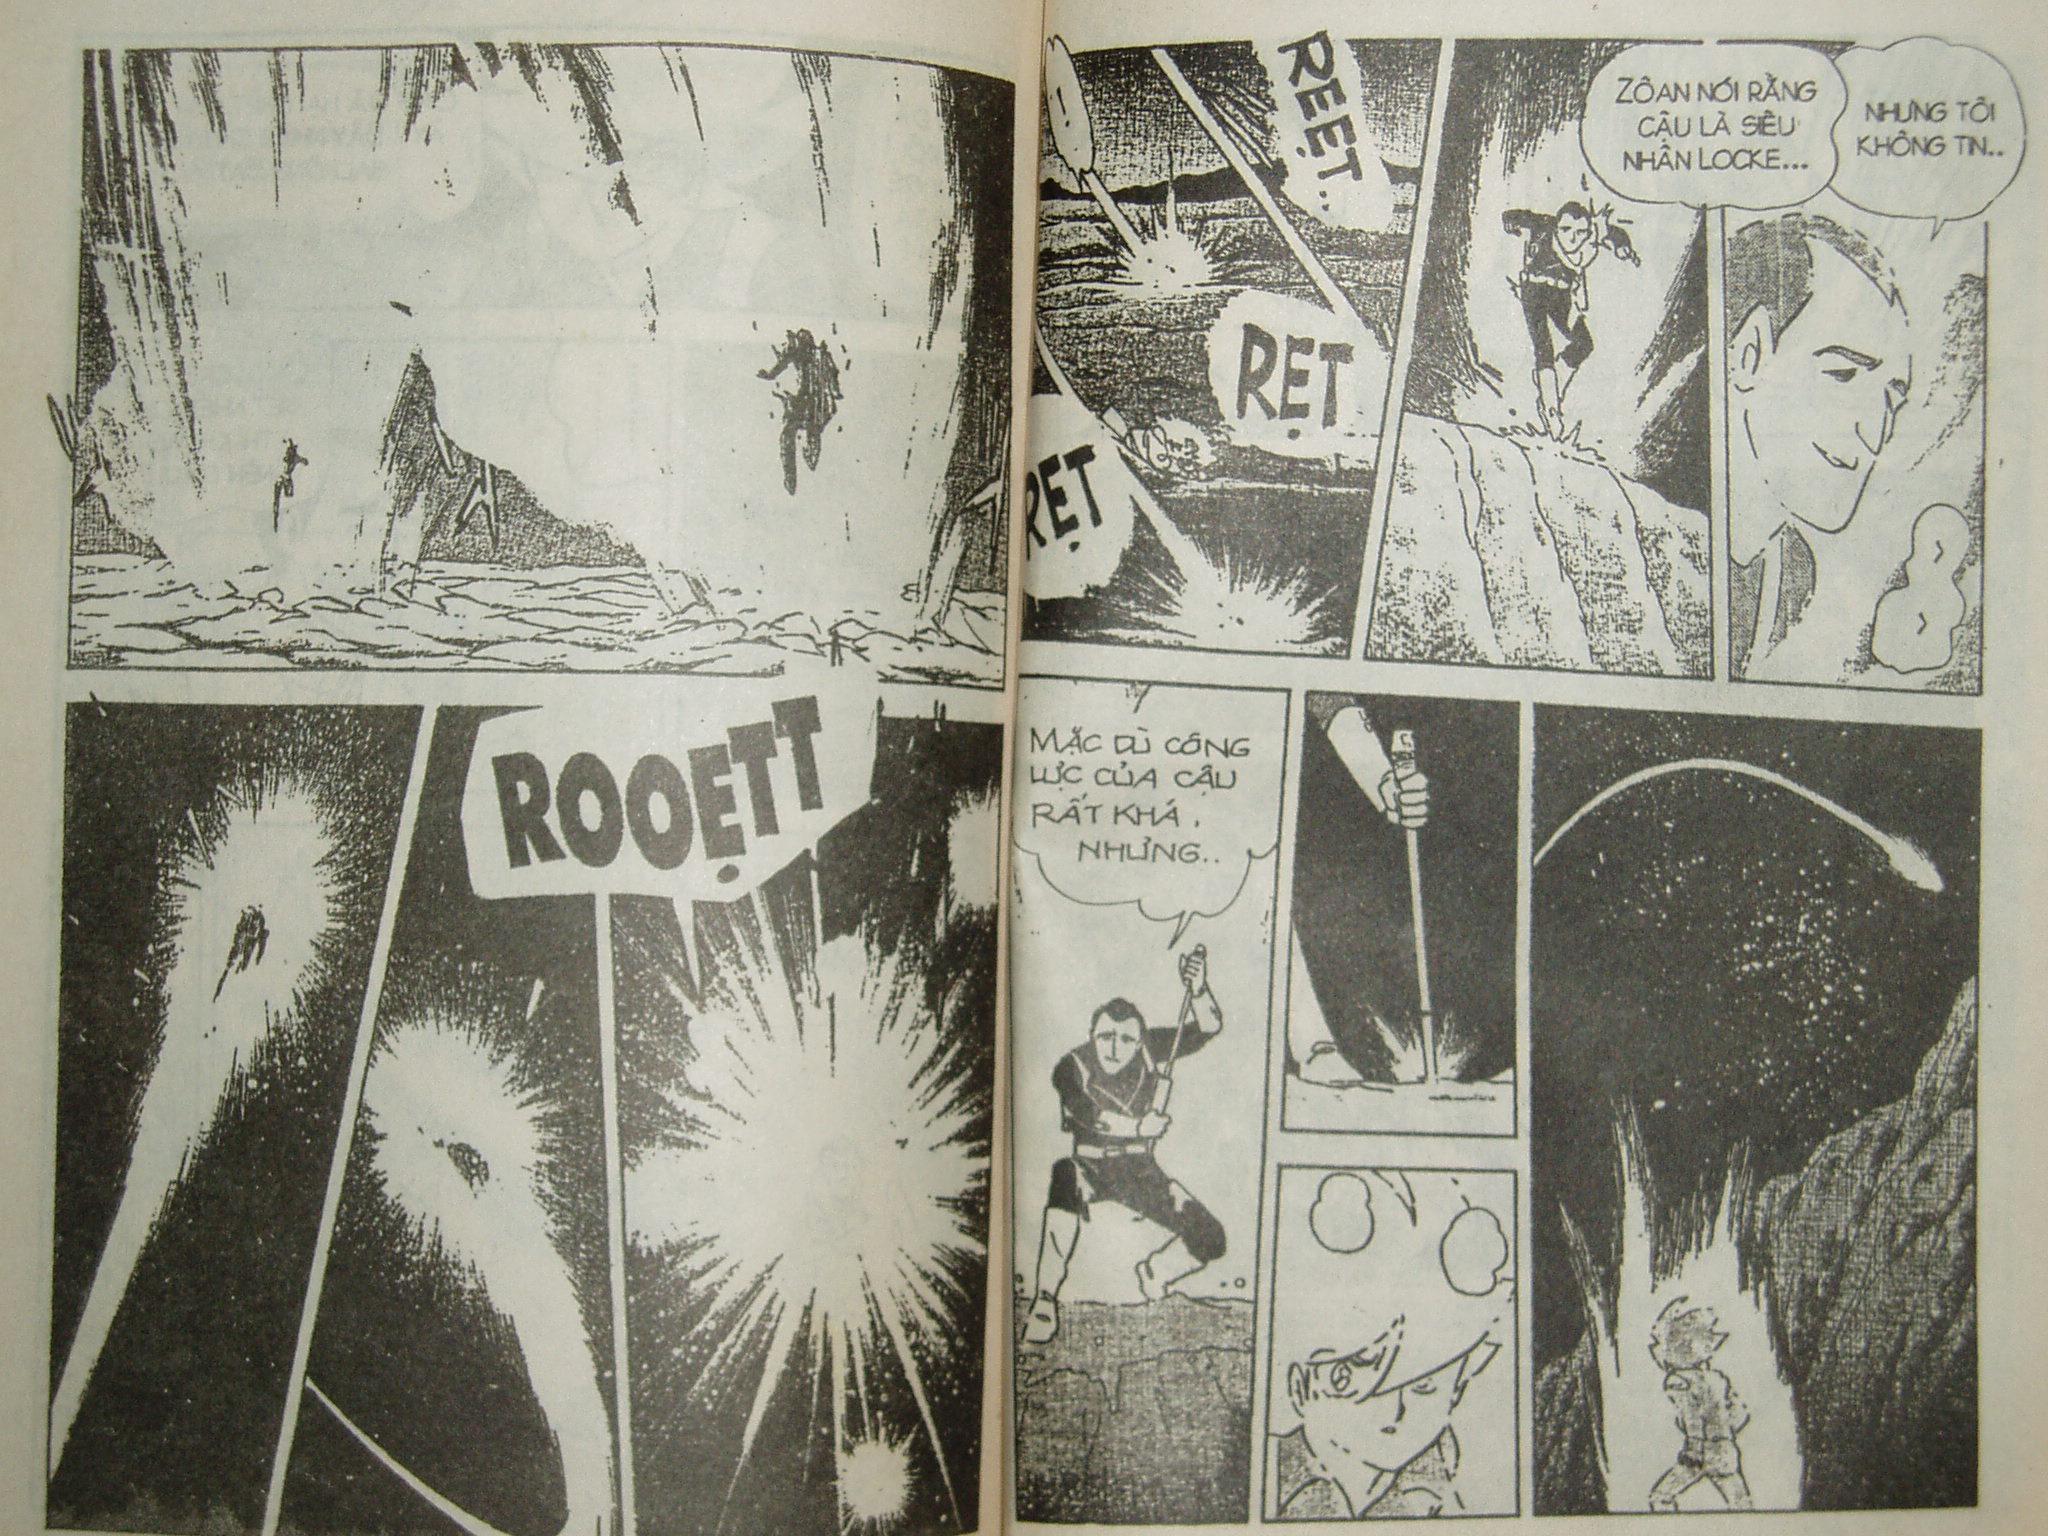 Siêu nhân Locke vol 16 trang 63